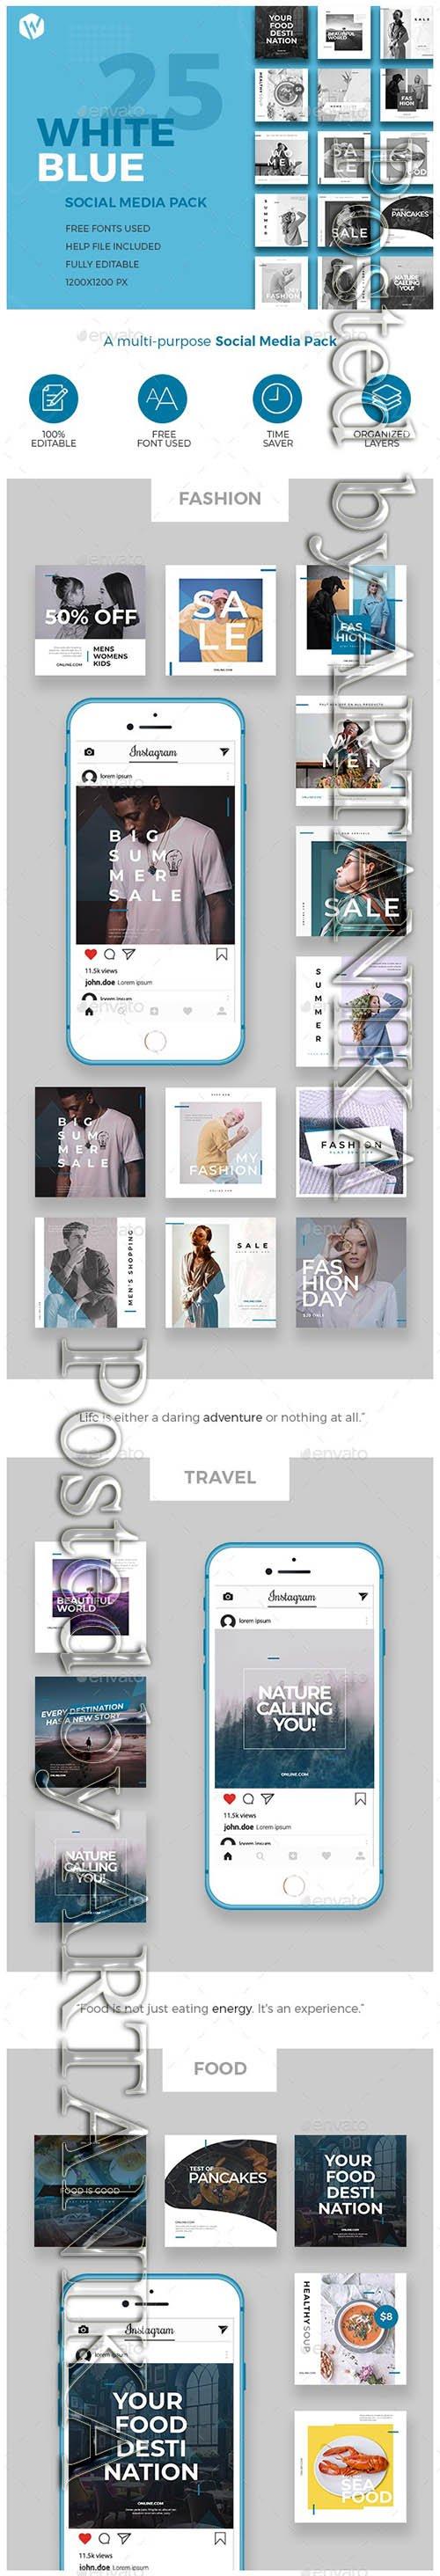 25 Instagram Blue & White Banners - Multi-purpose Social Media Pack 23516563